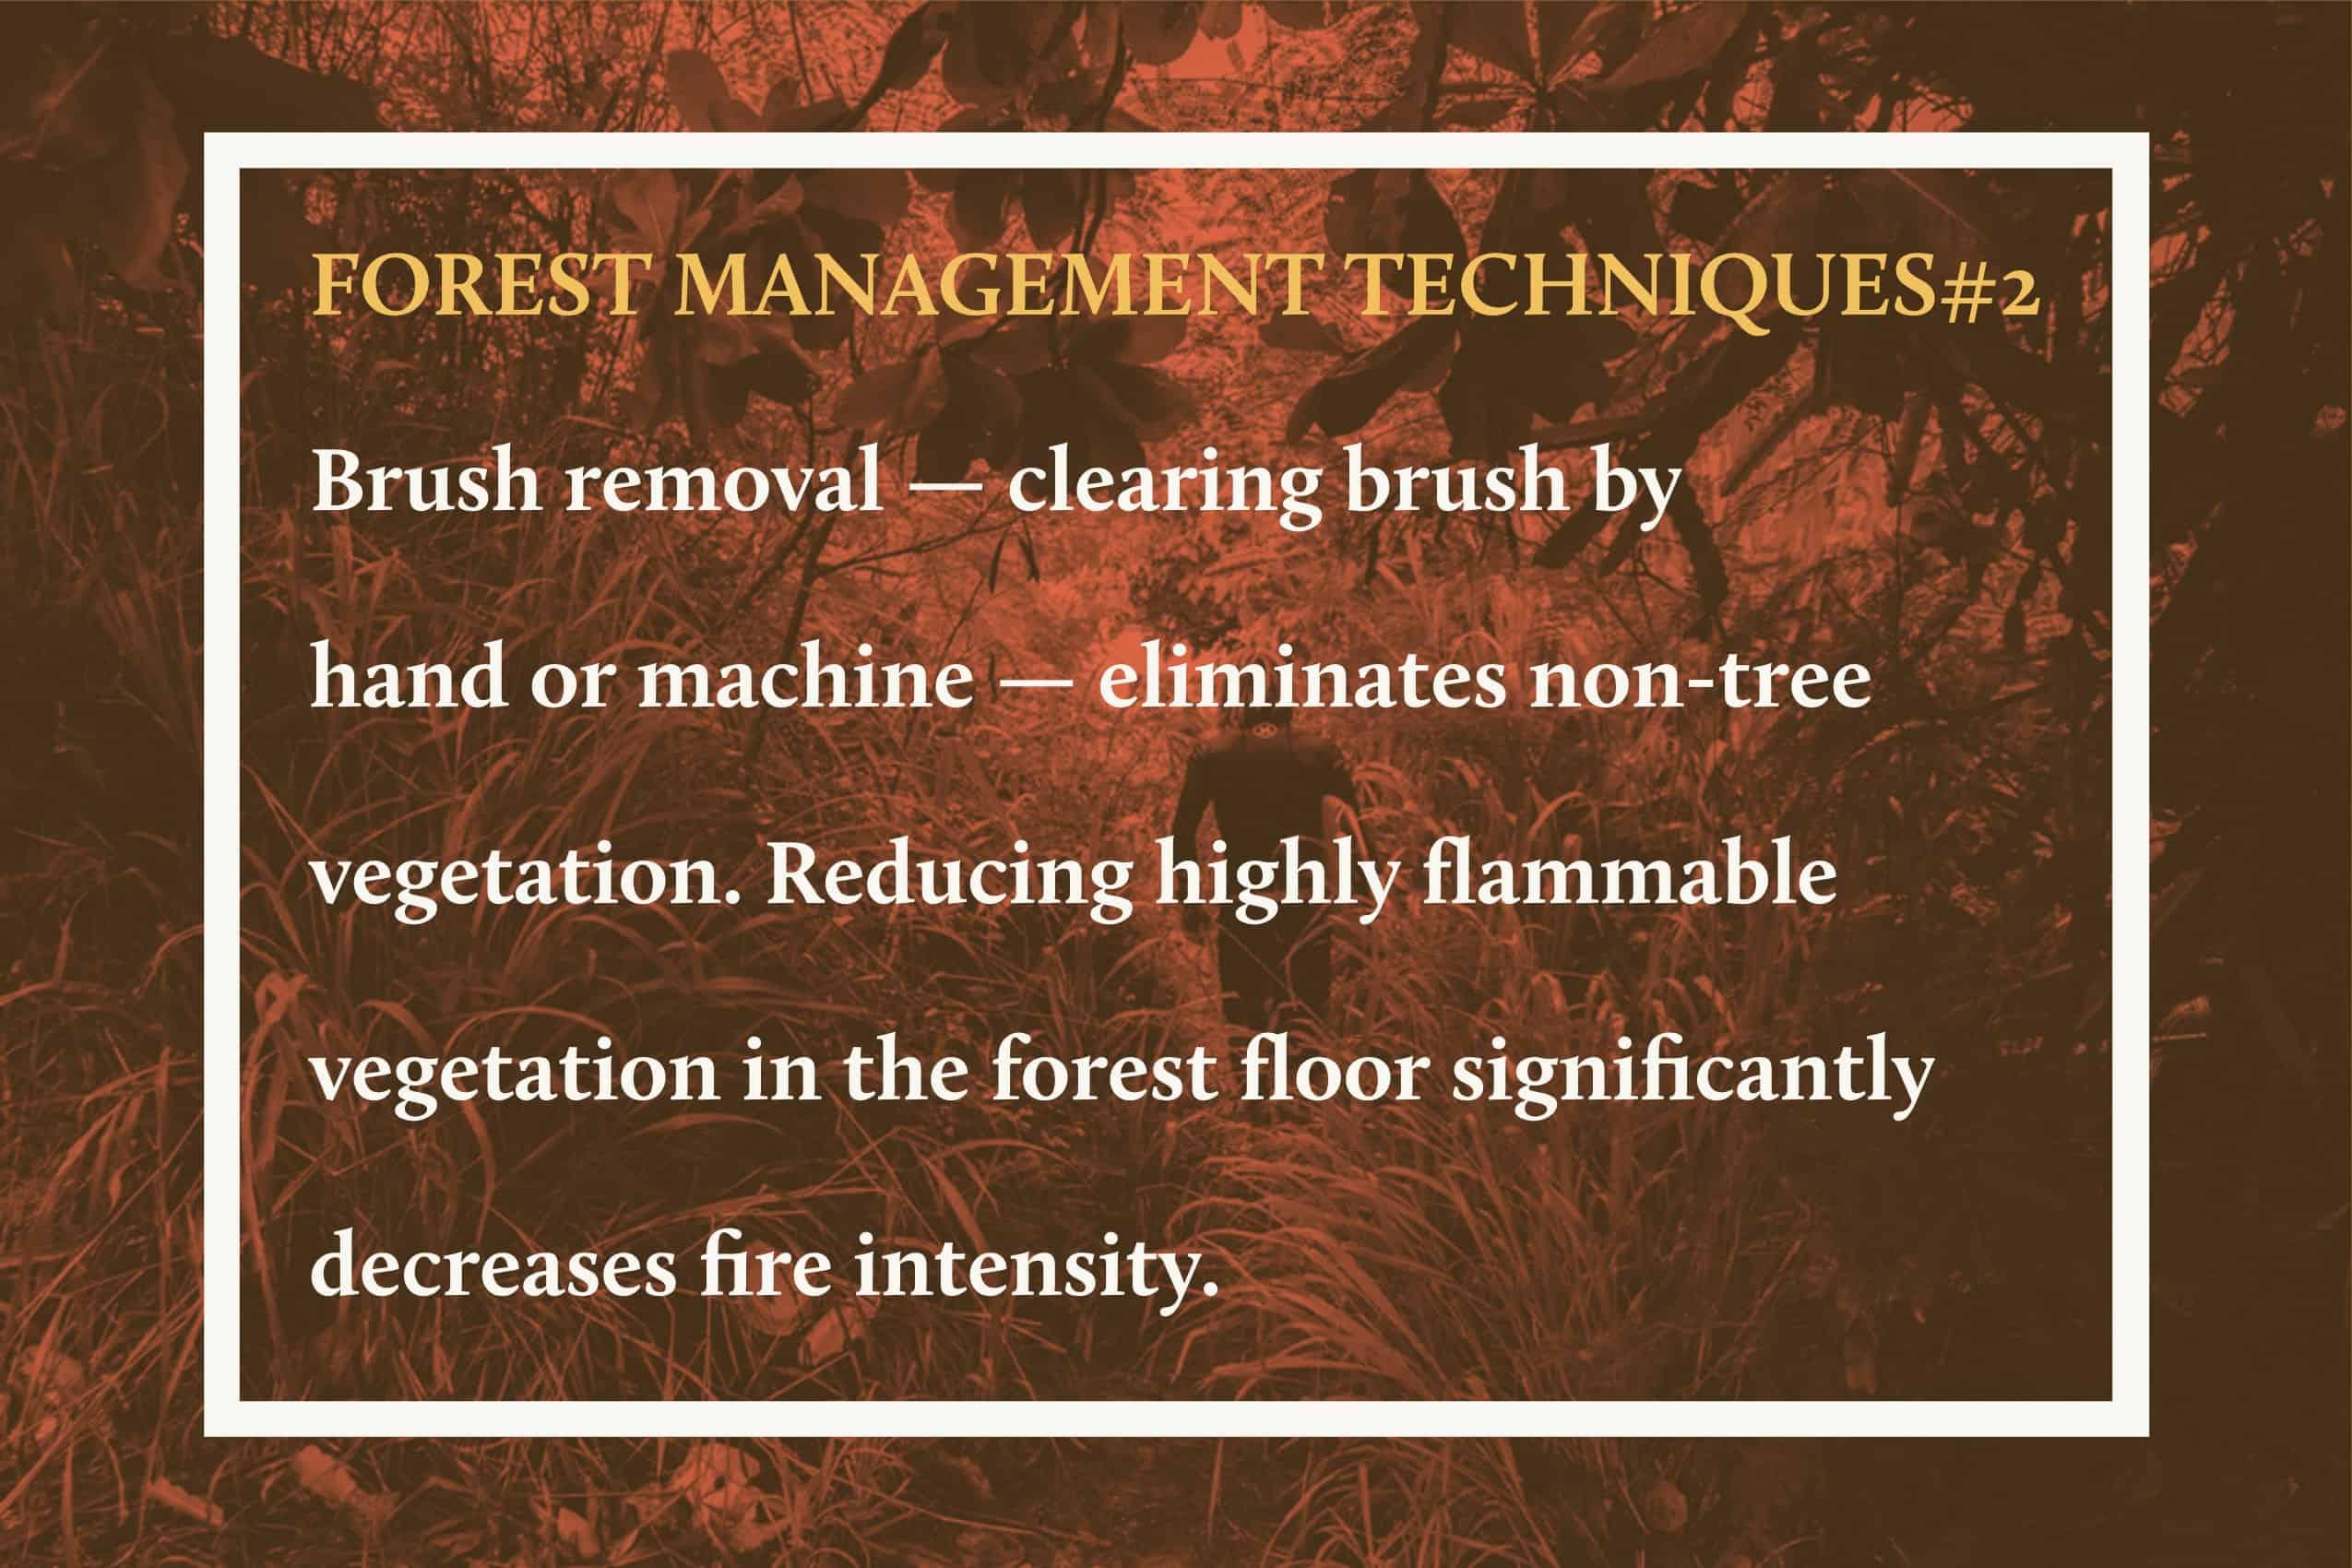 Forest Management Techniques 2 (1)